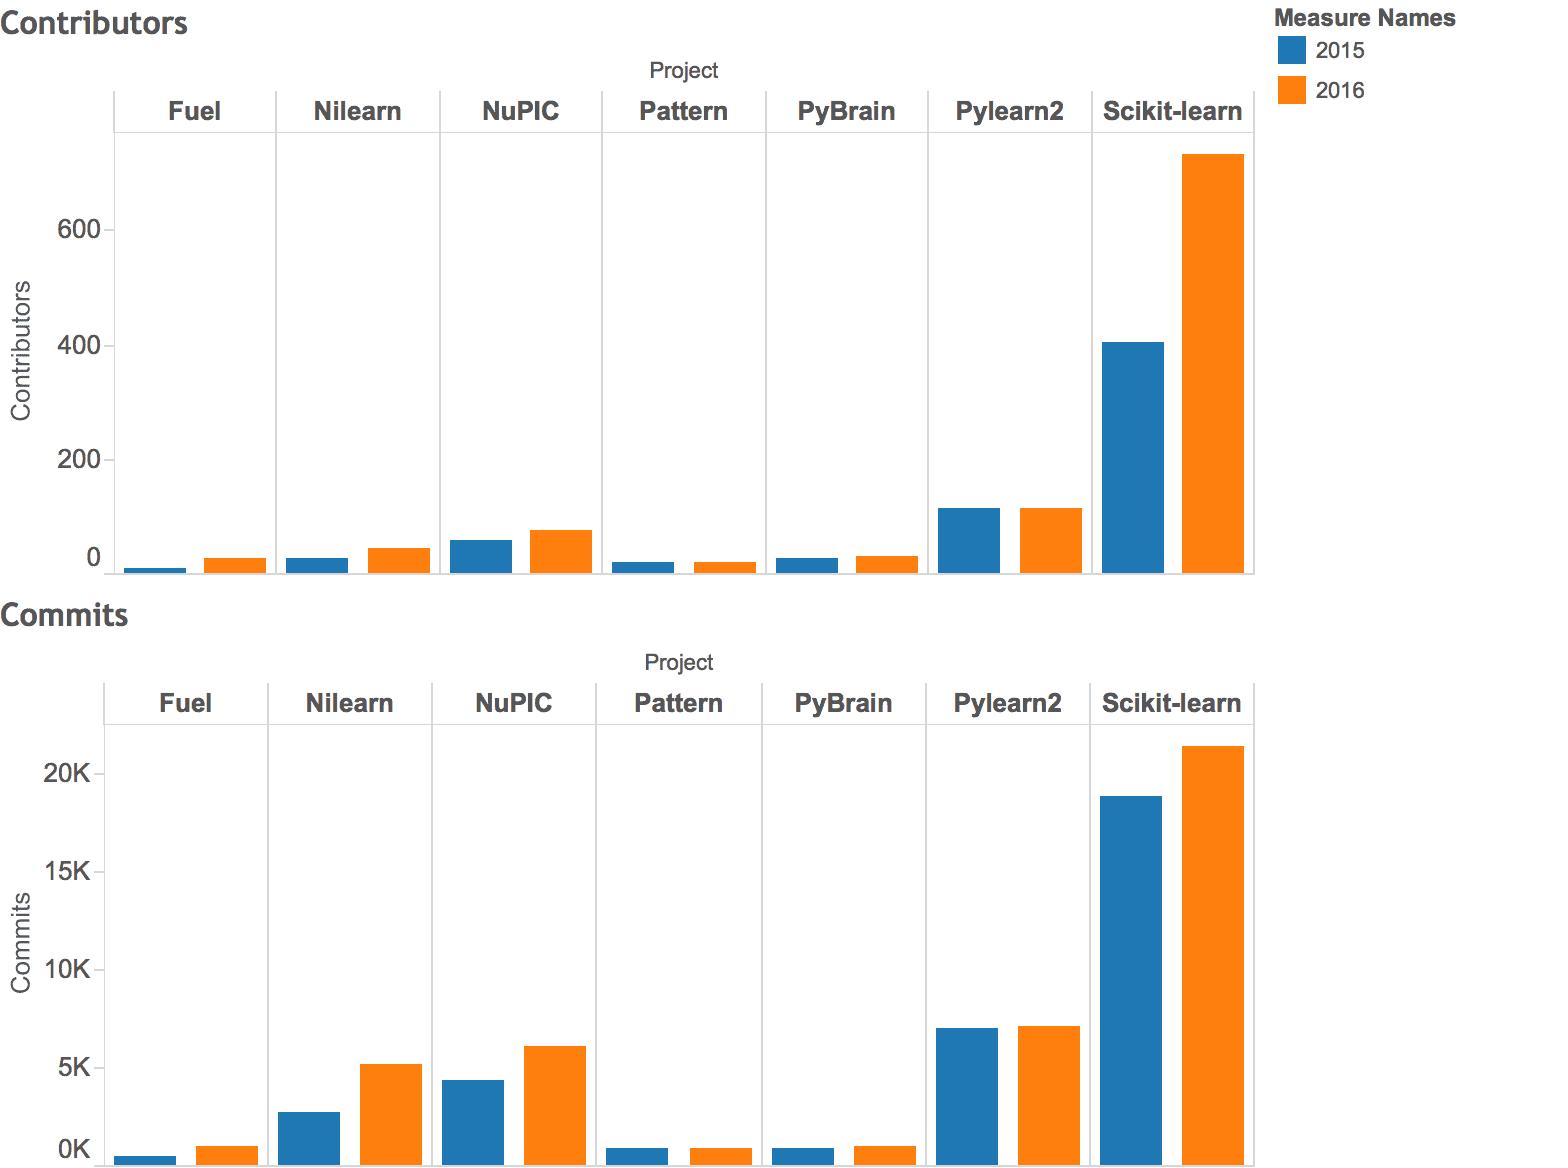 python-top20-2016-comparison